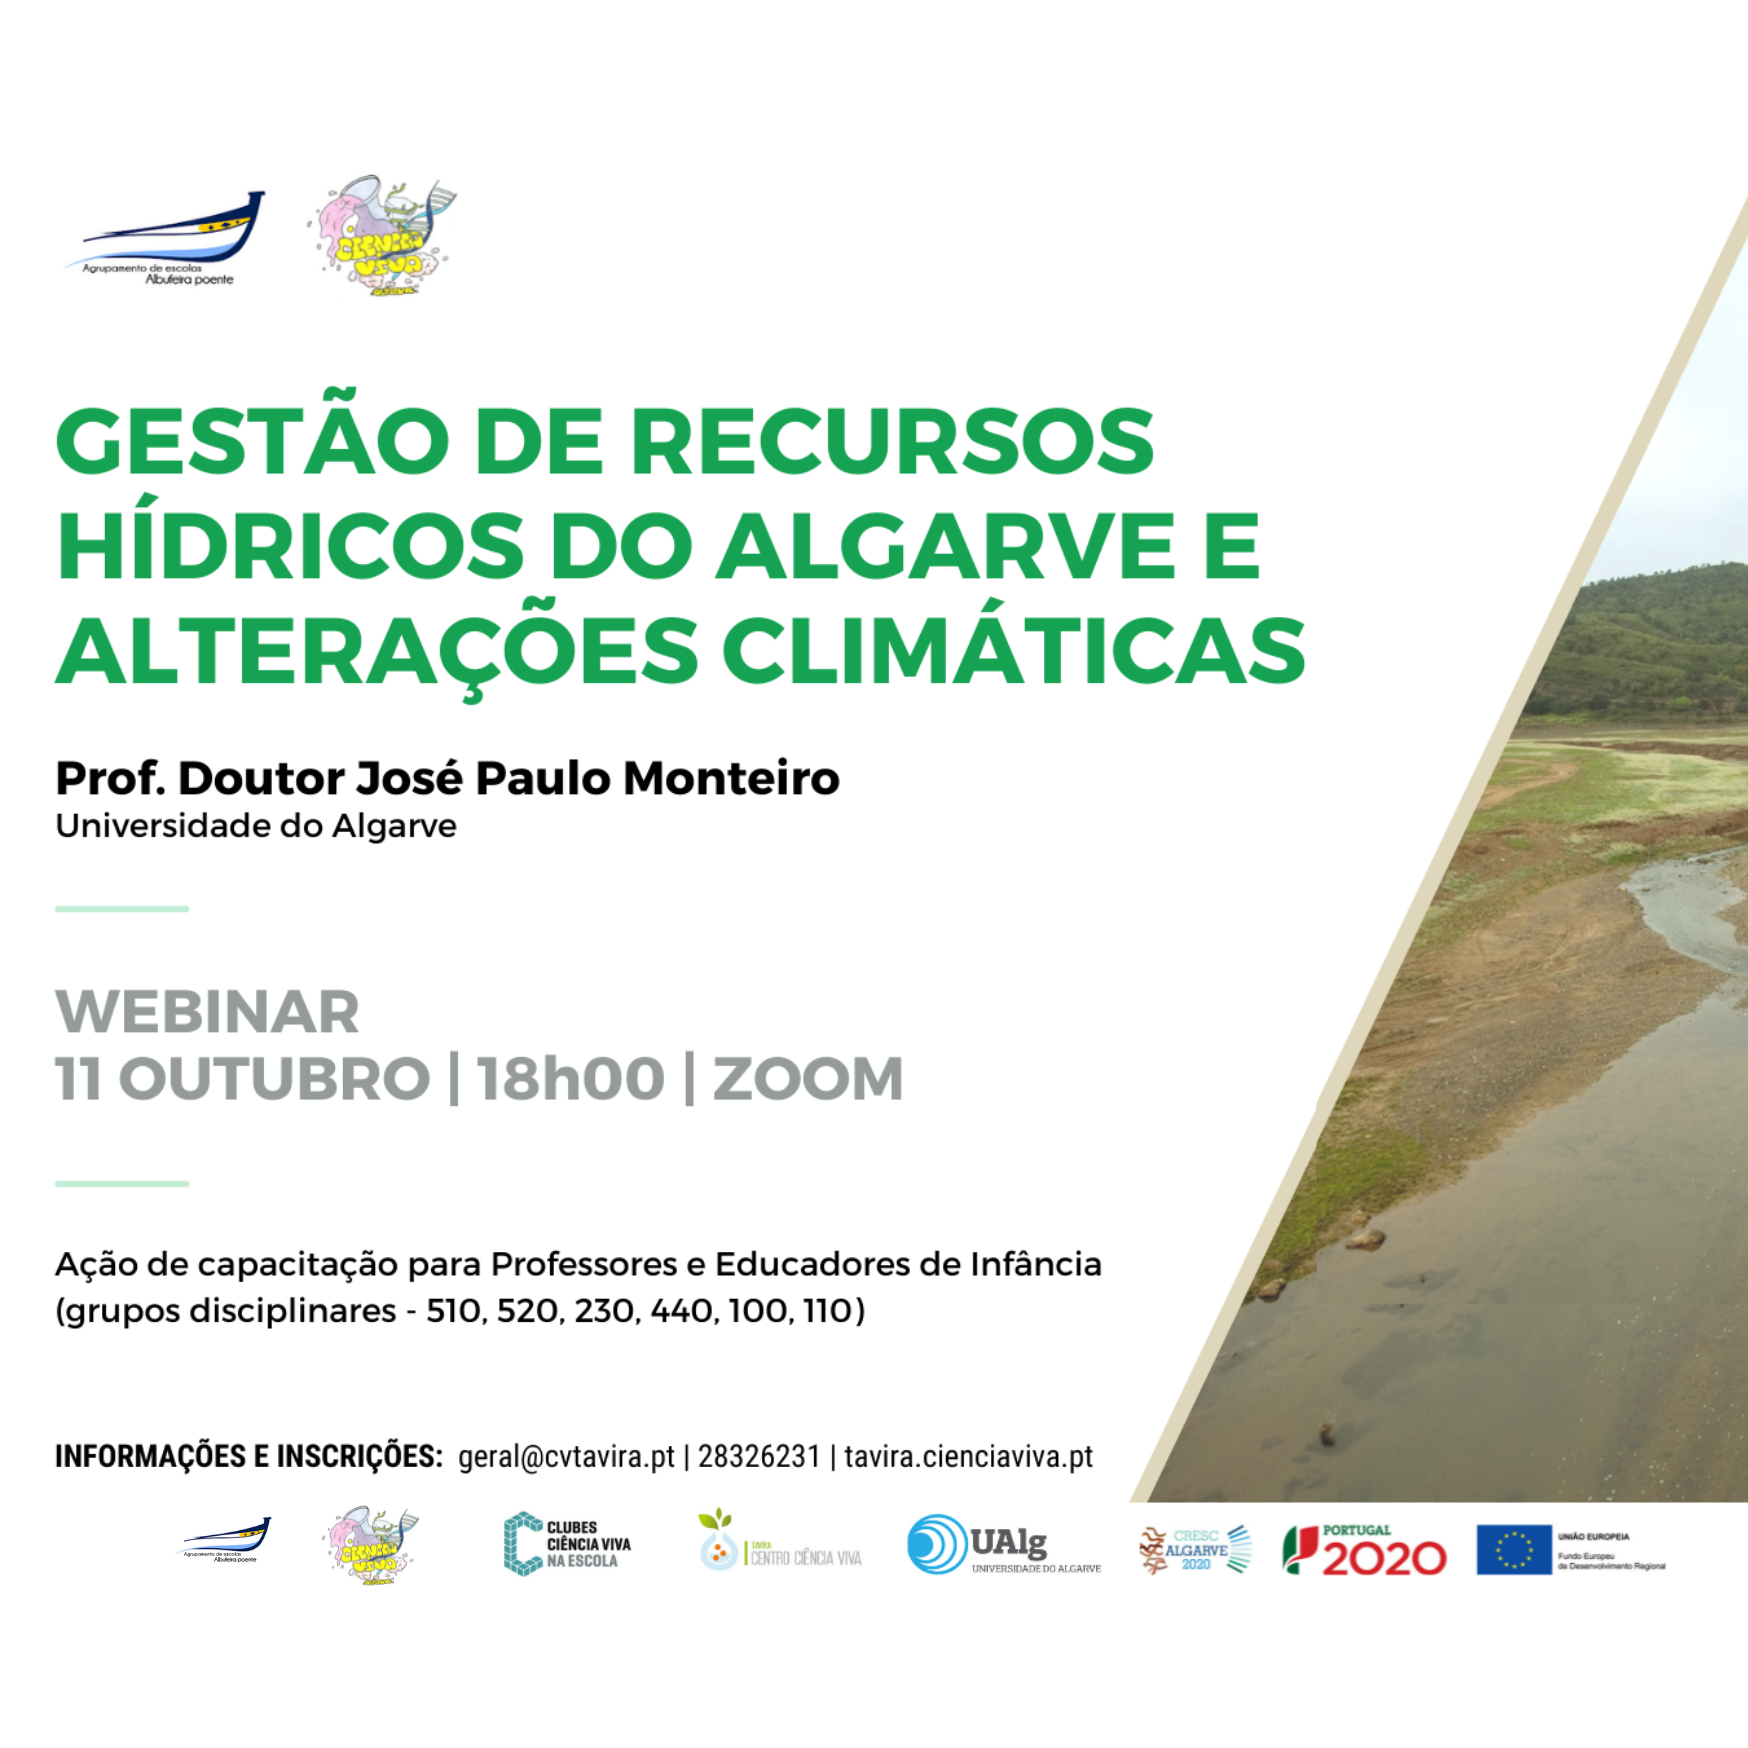 WEBINAR - Recursos hídricos do Algarve & Alterações climáticas